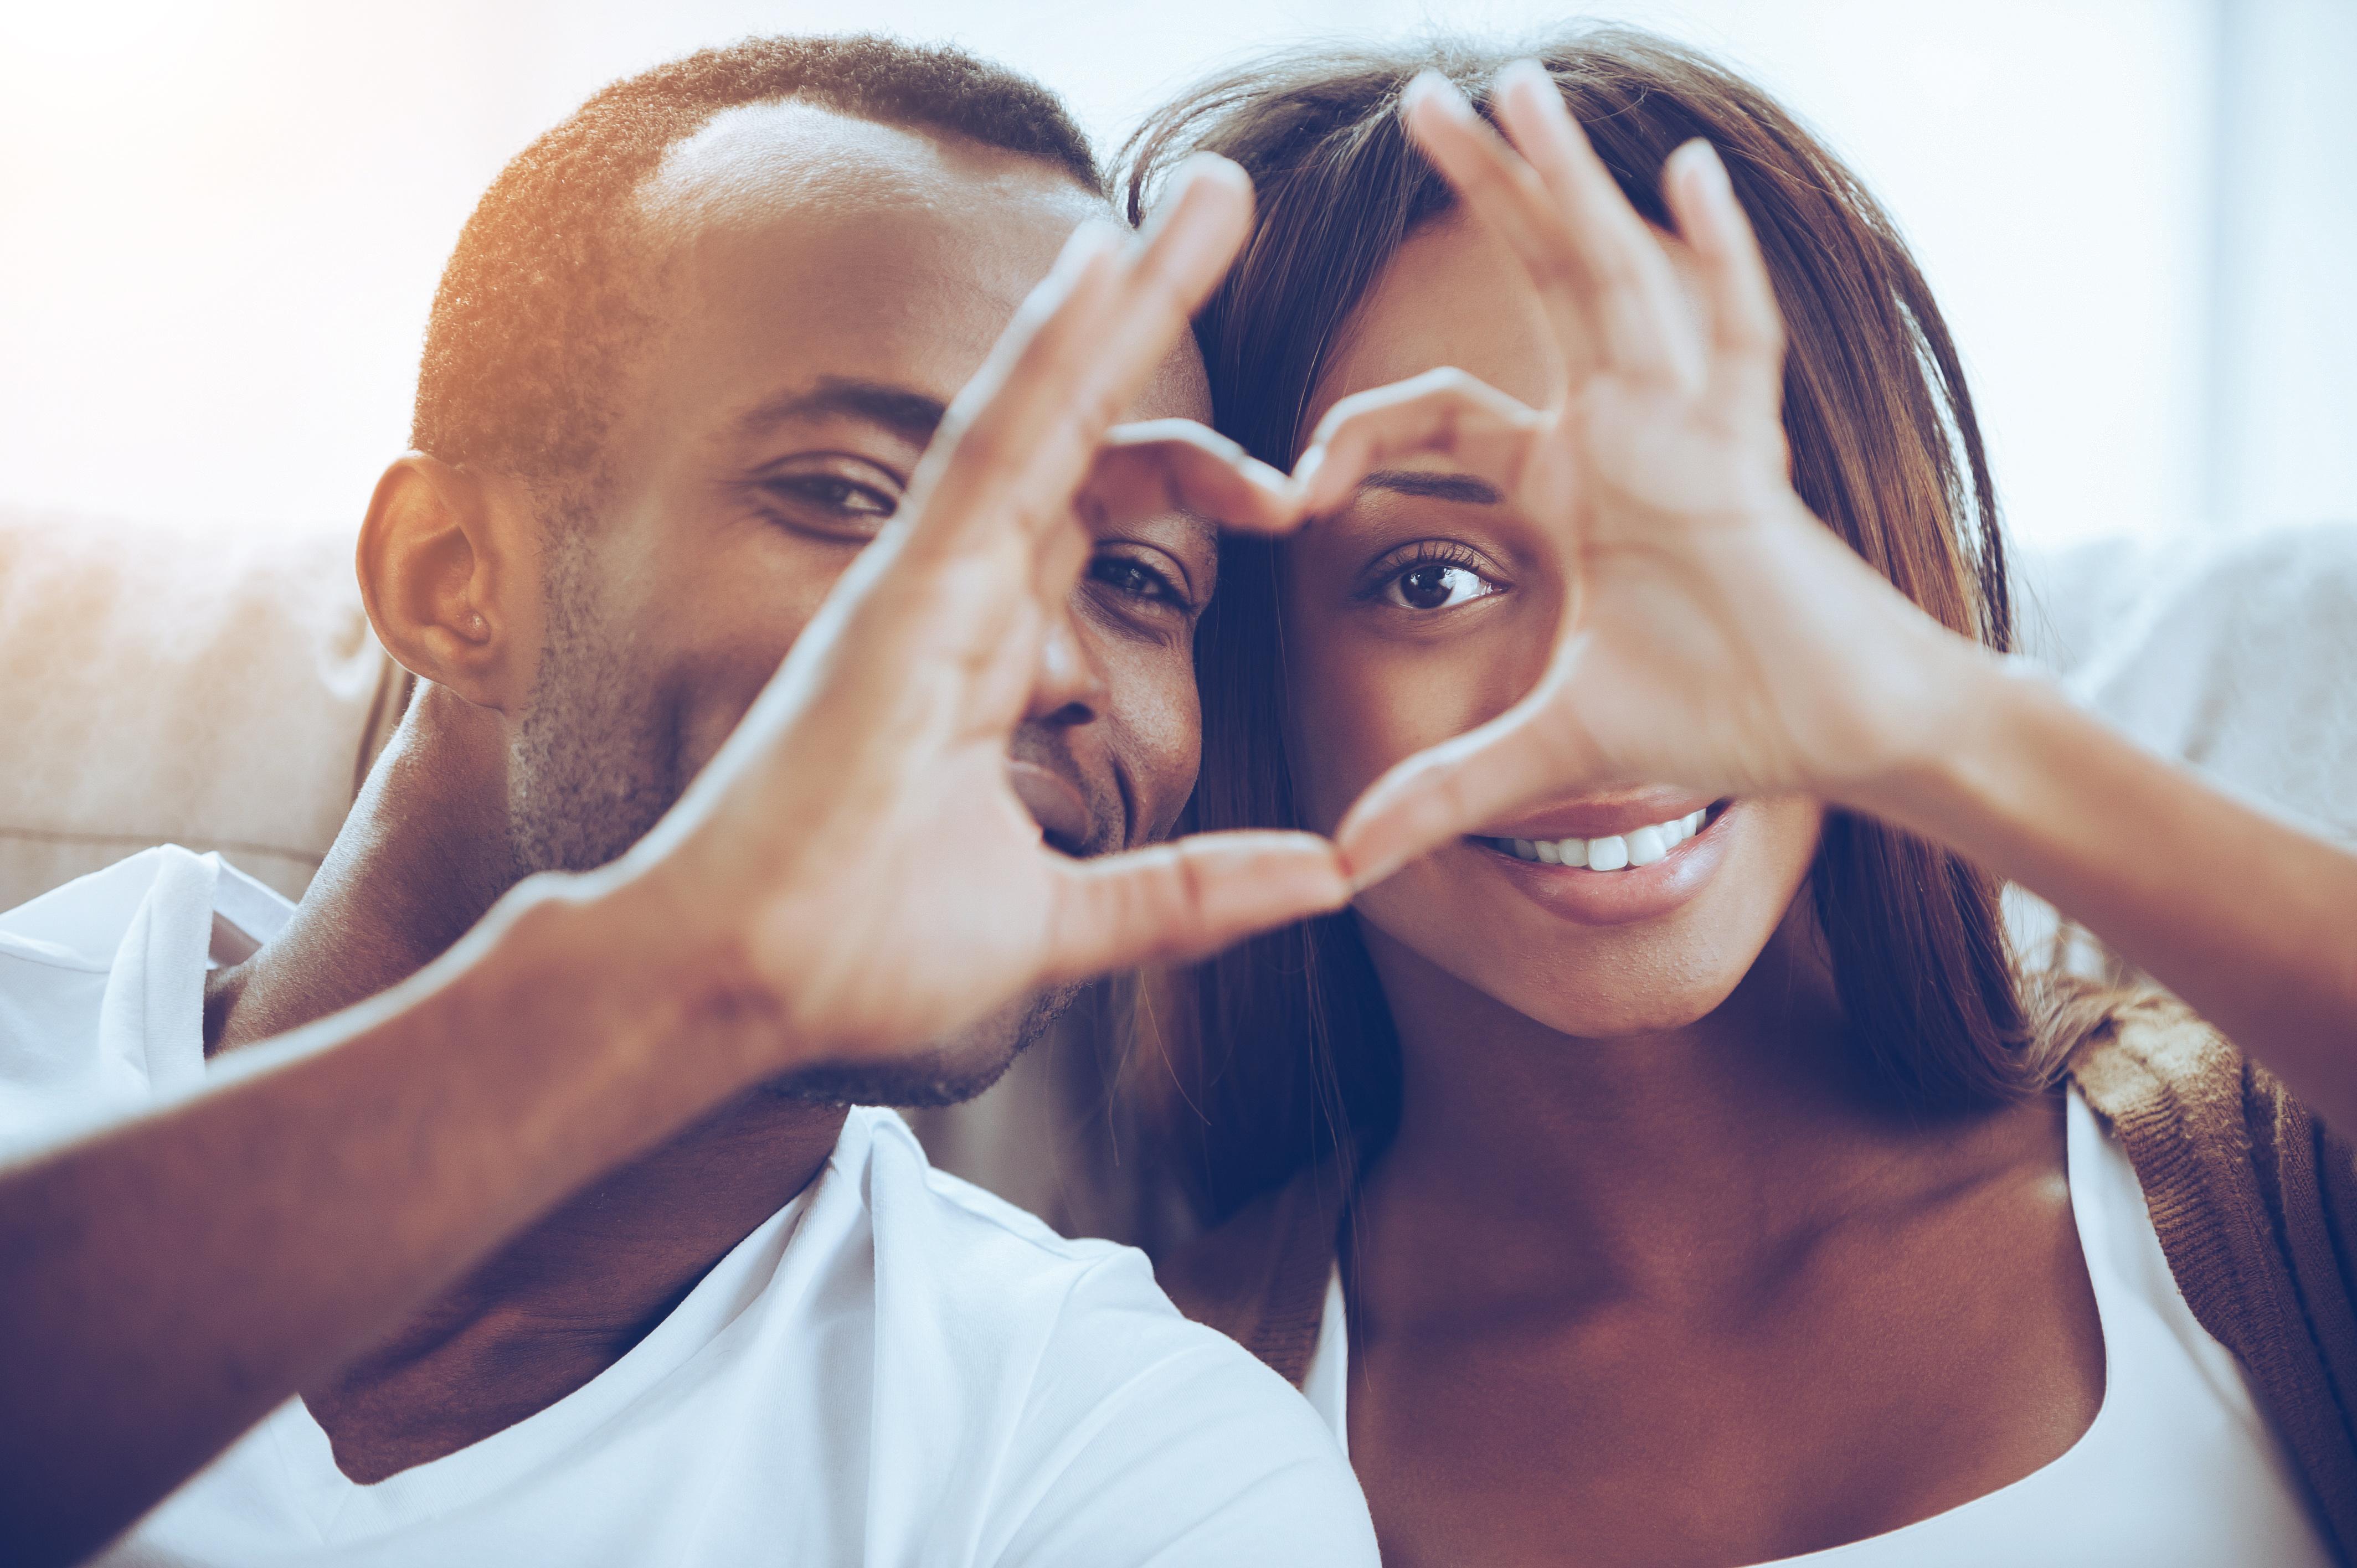 Love is in the air! #BaeisLife